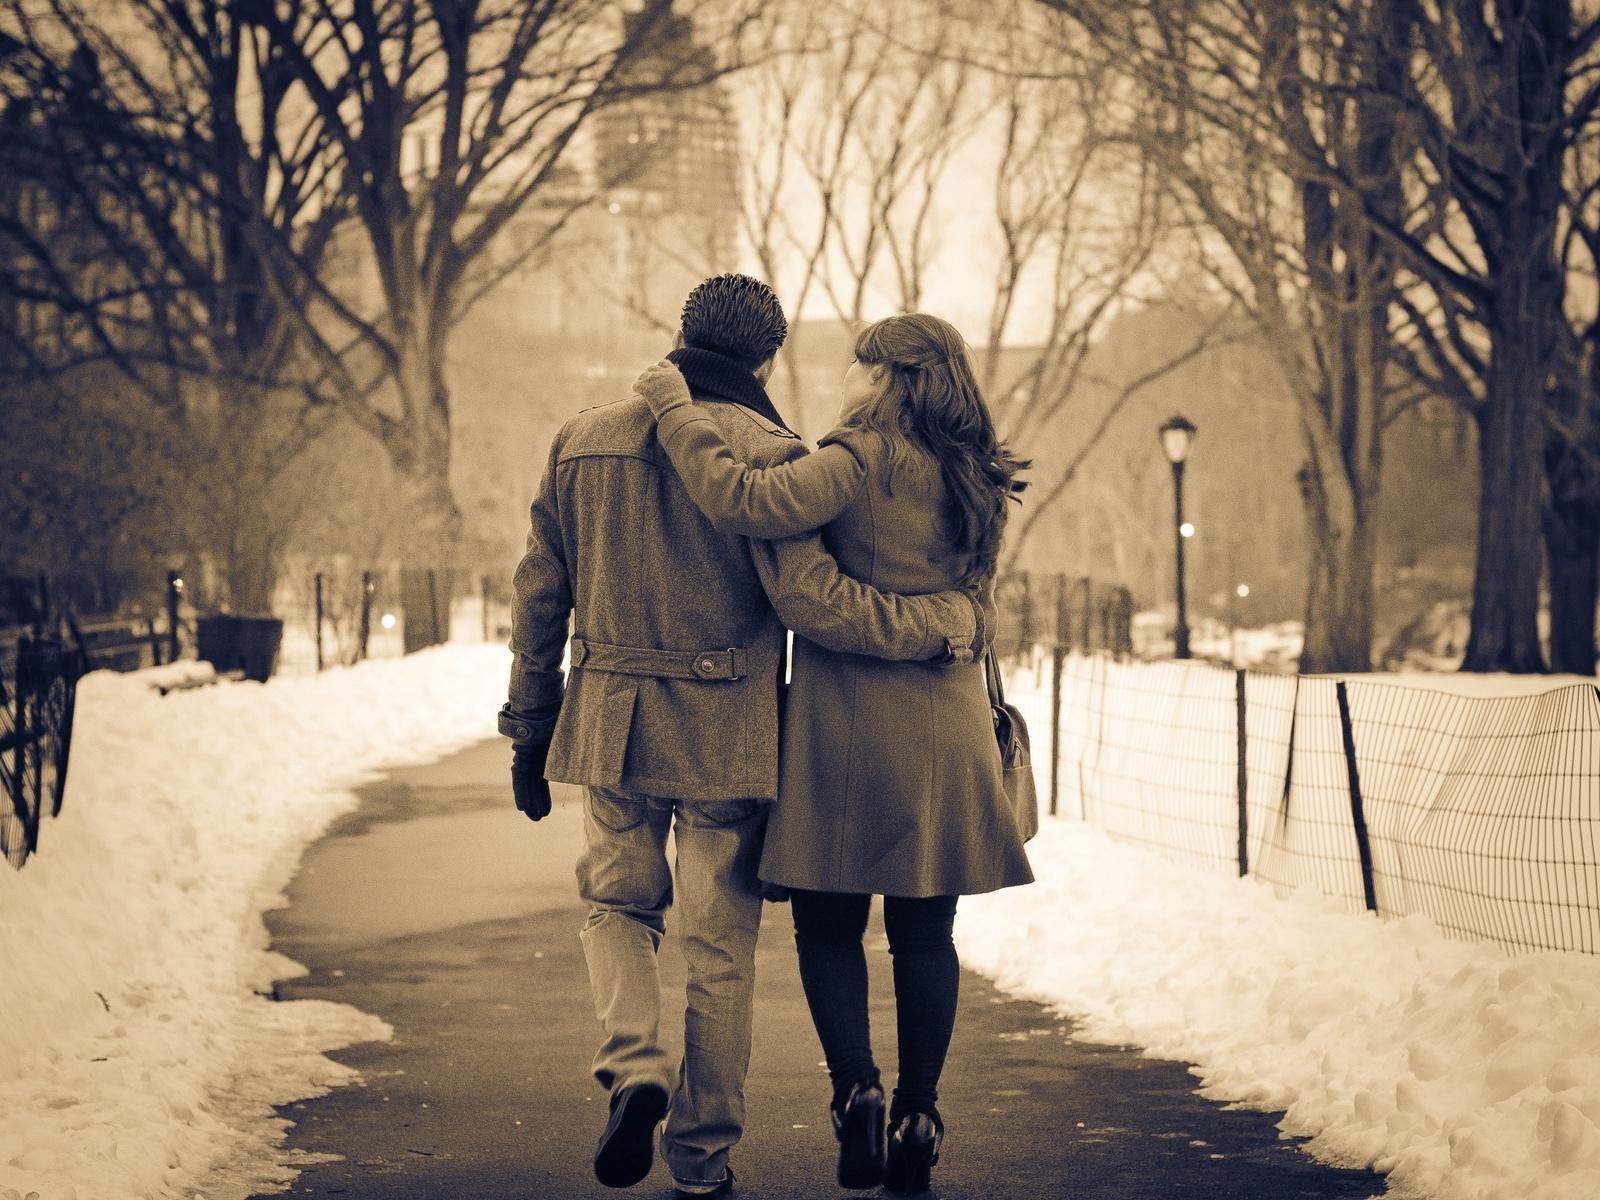 Evo zašto srećniji parovi postavljaju manje o svojoj vezi  na društvenim mrežama